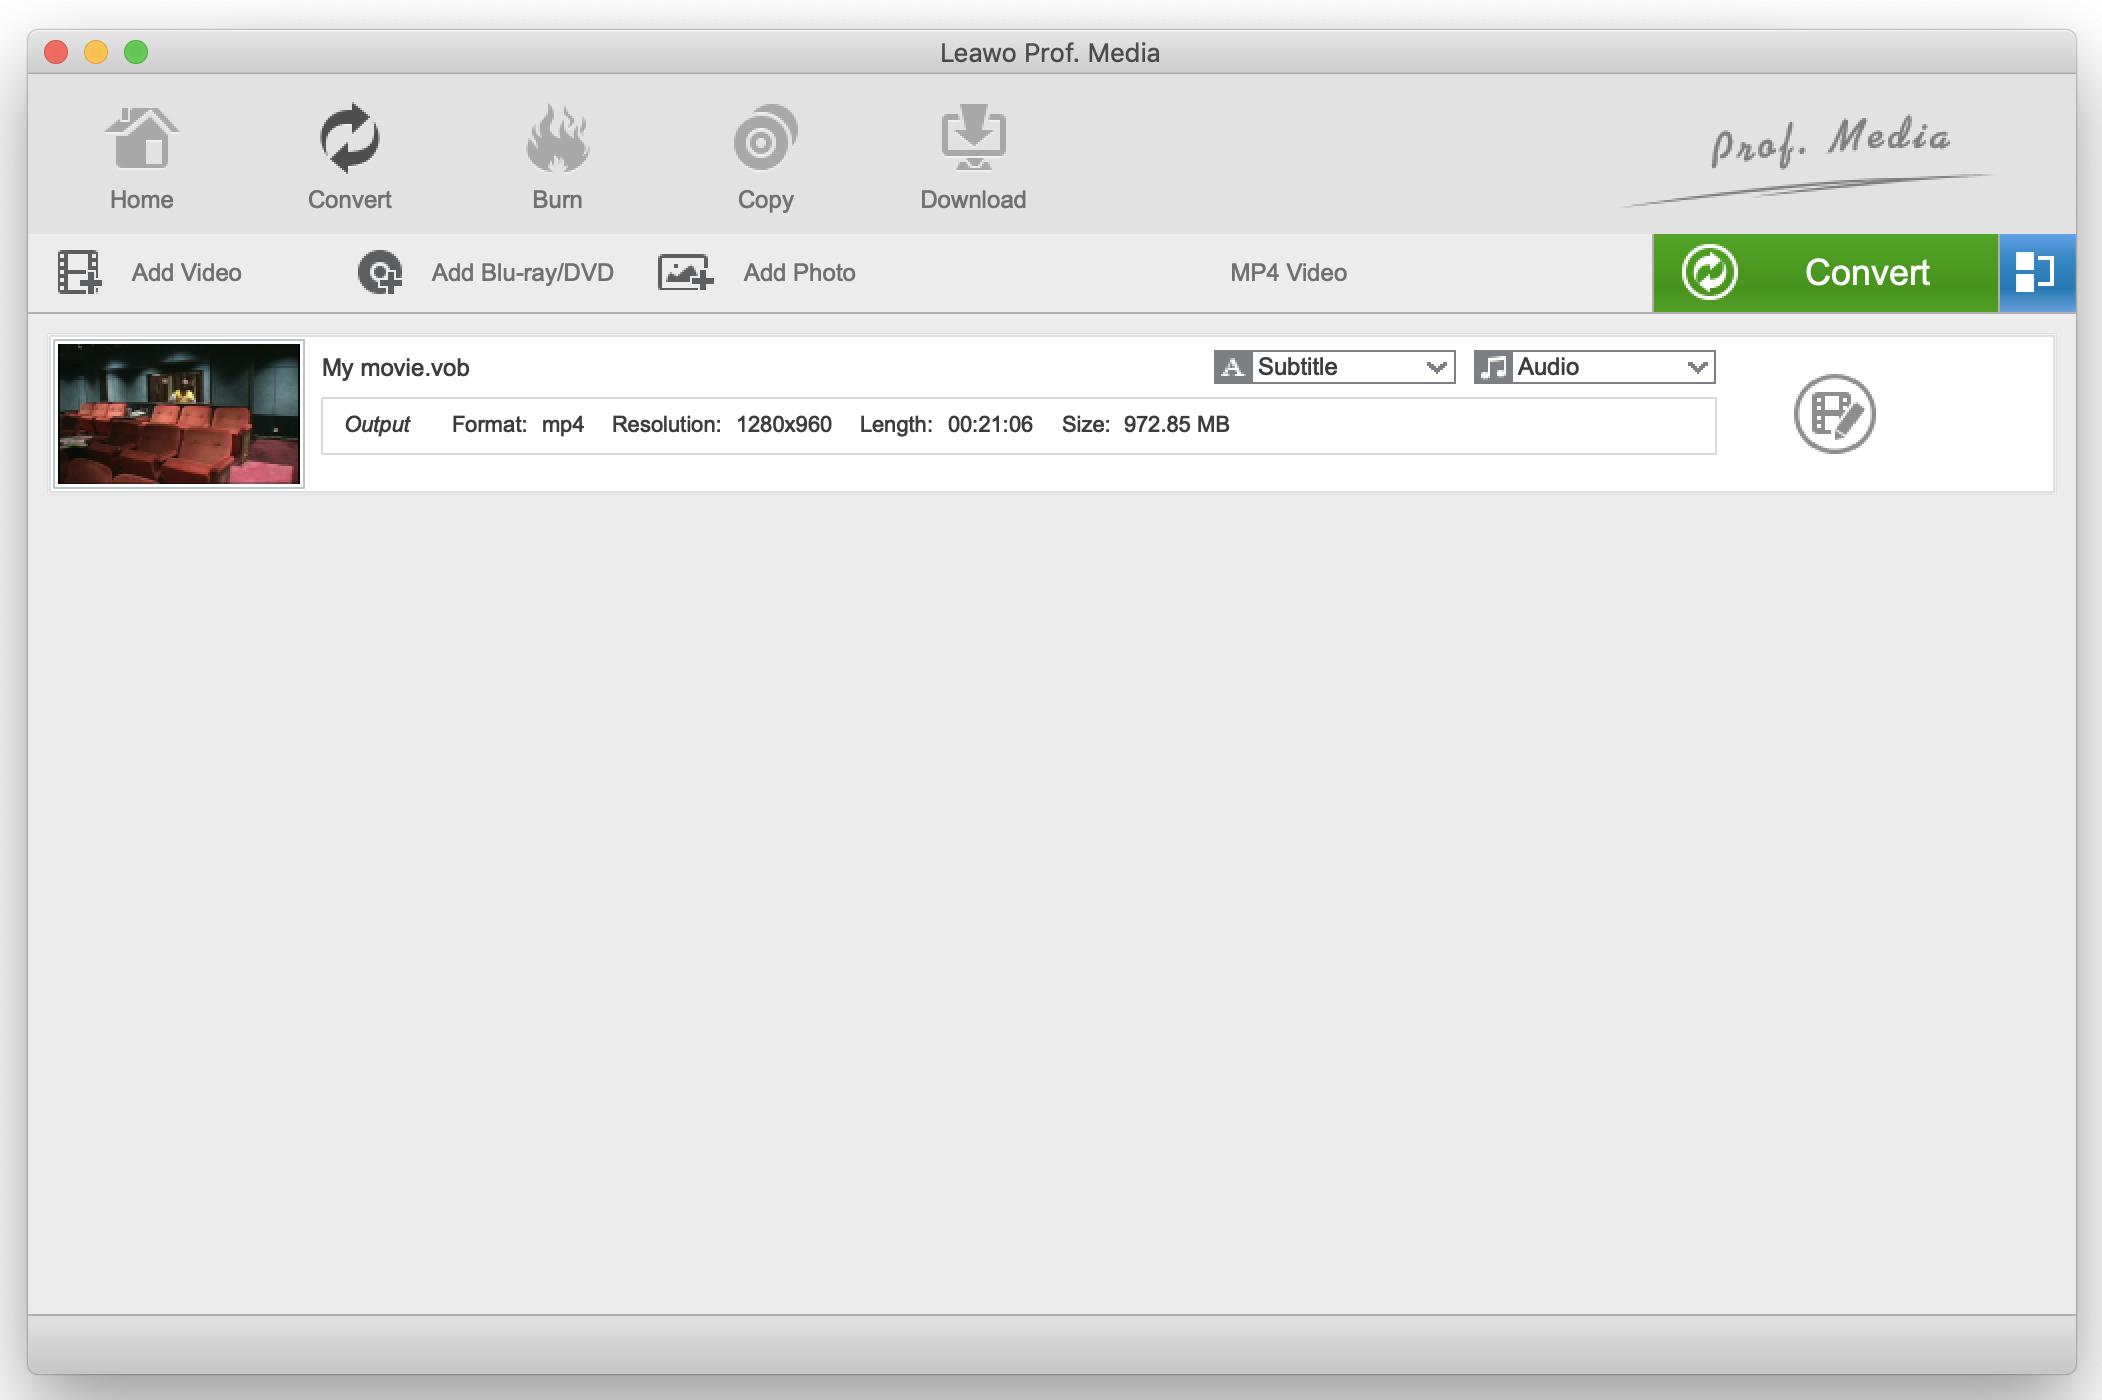 Leawo-subtitle-audio-menu